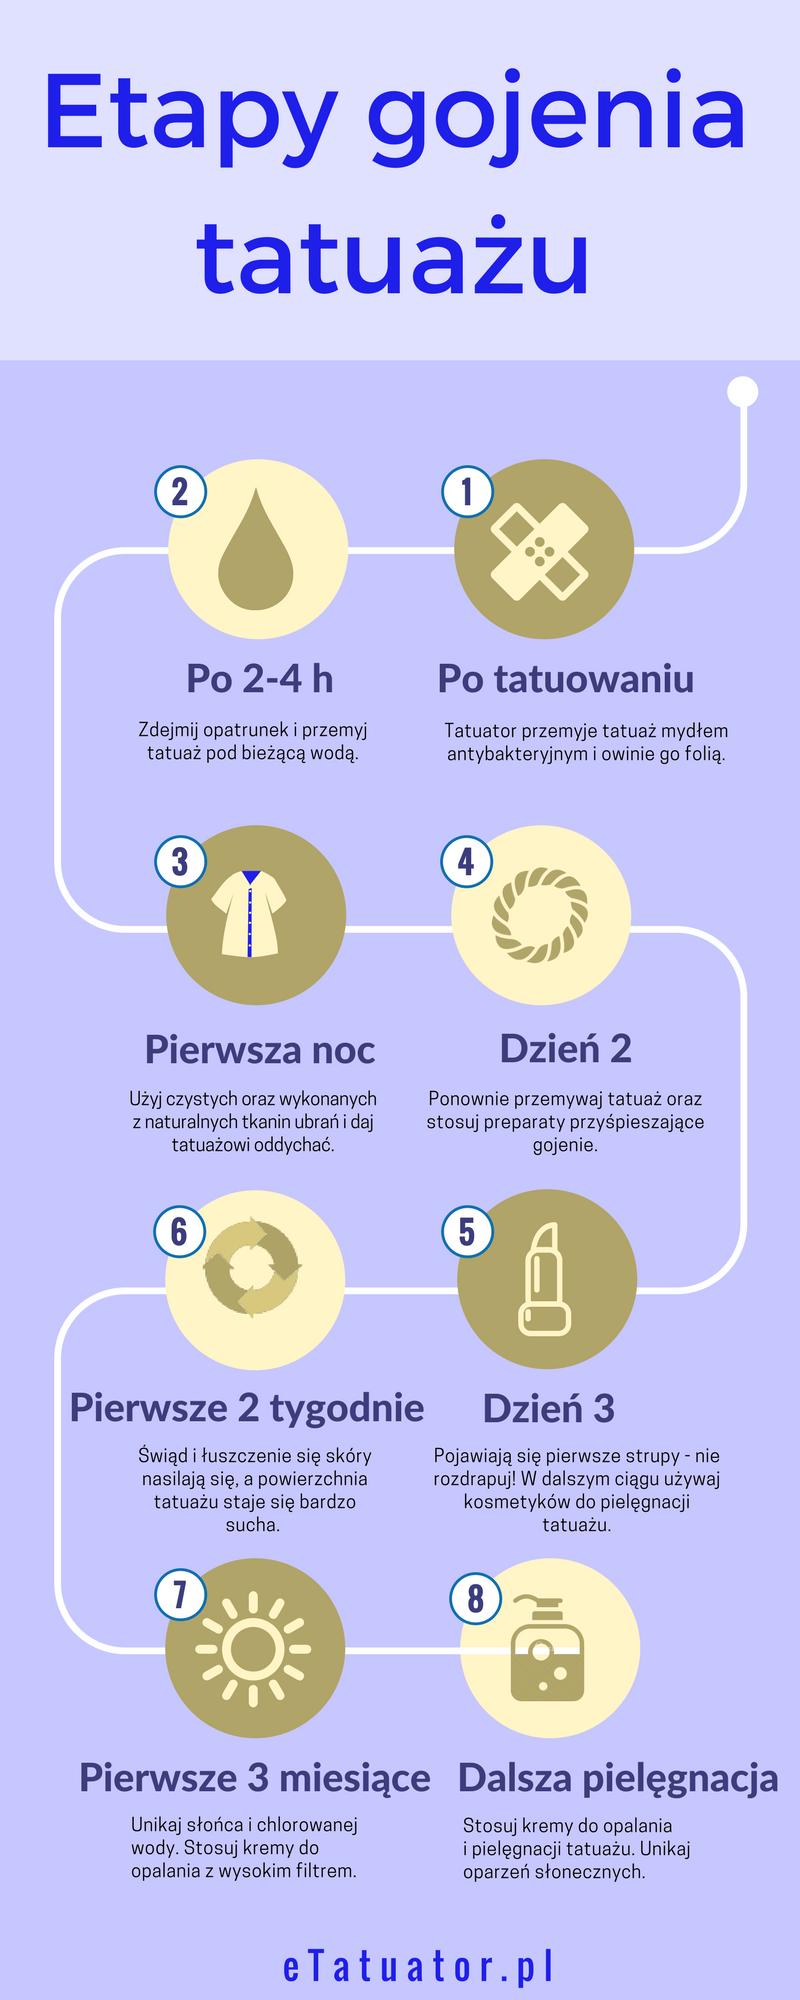 Infografika przedstawiająca etapy gojenia tatuażu